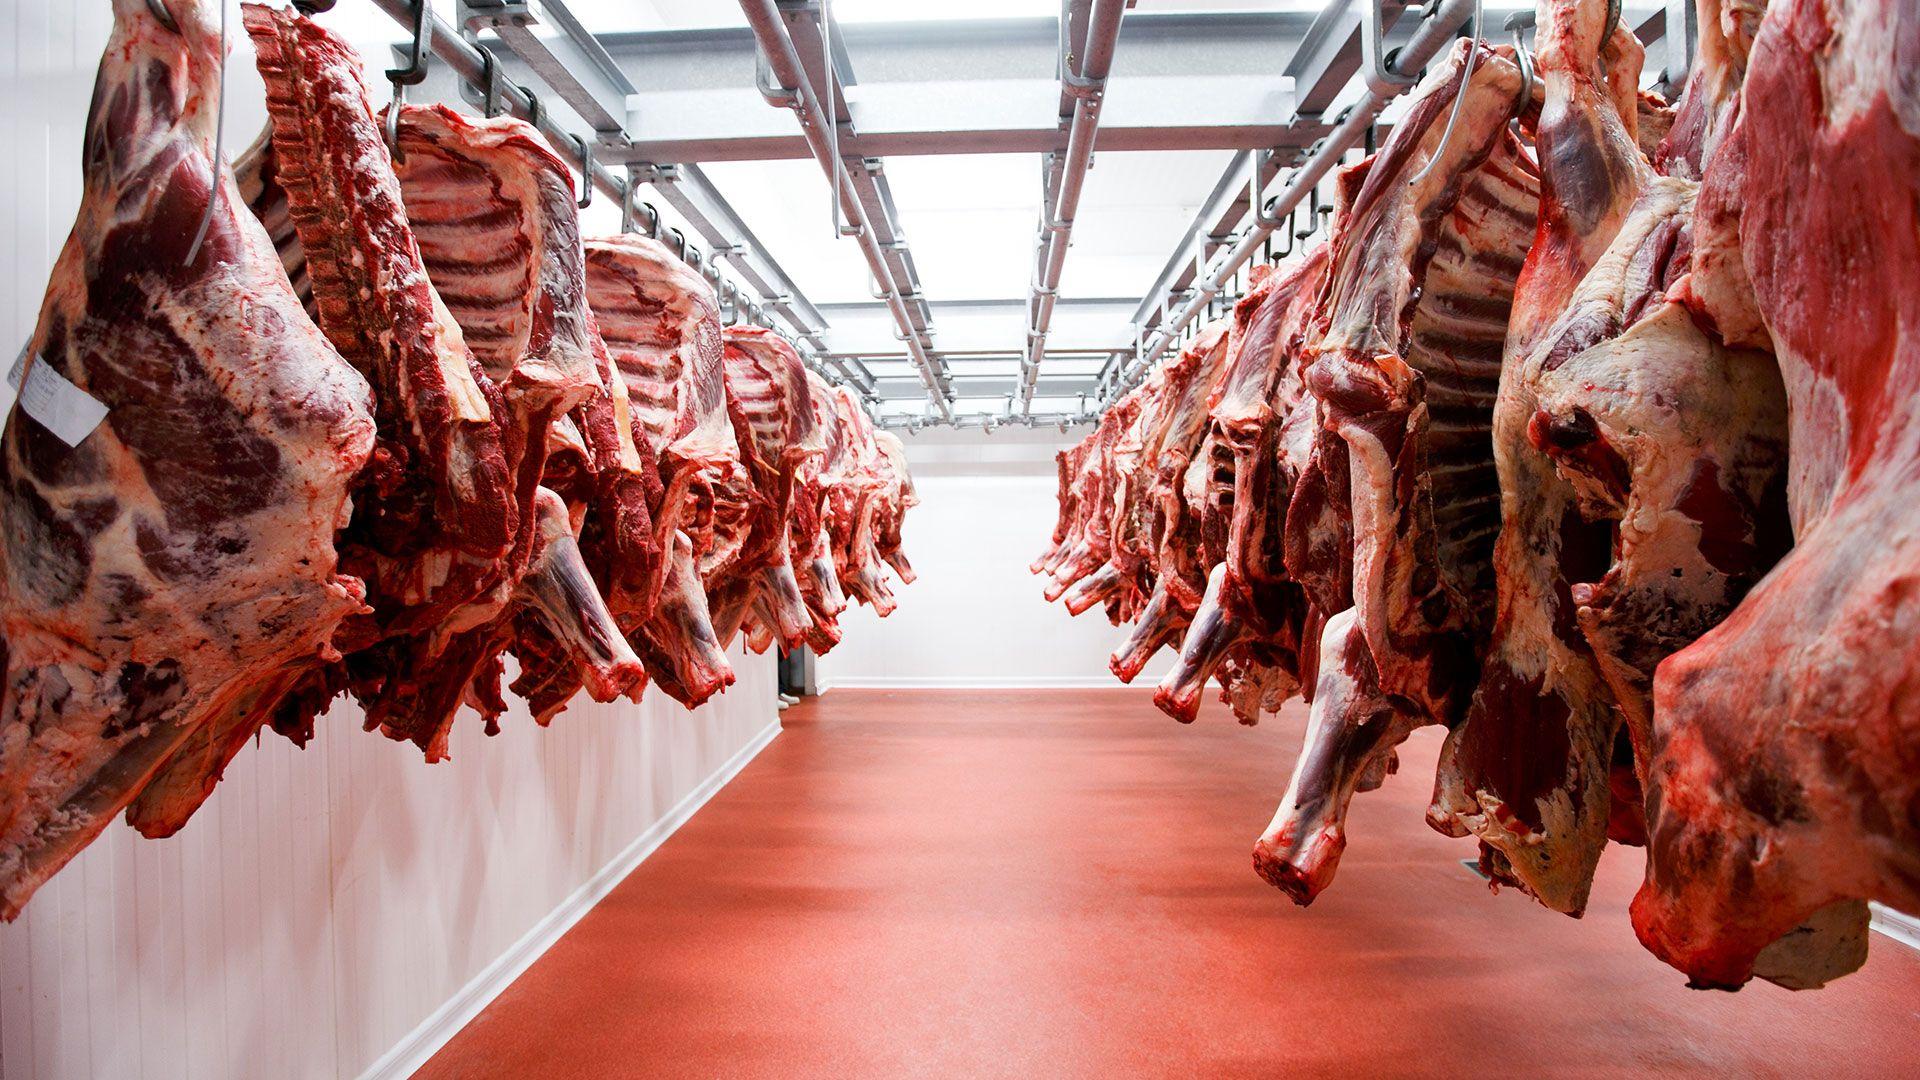 Exportaciones de carne colombiana van a romper récord  en 2021 según Fedegán y el Dane